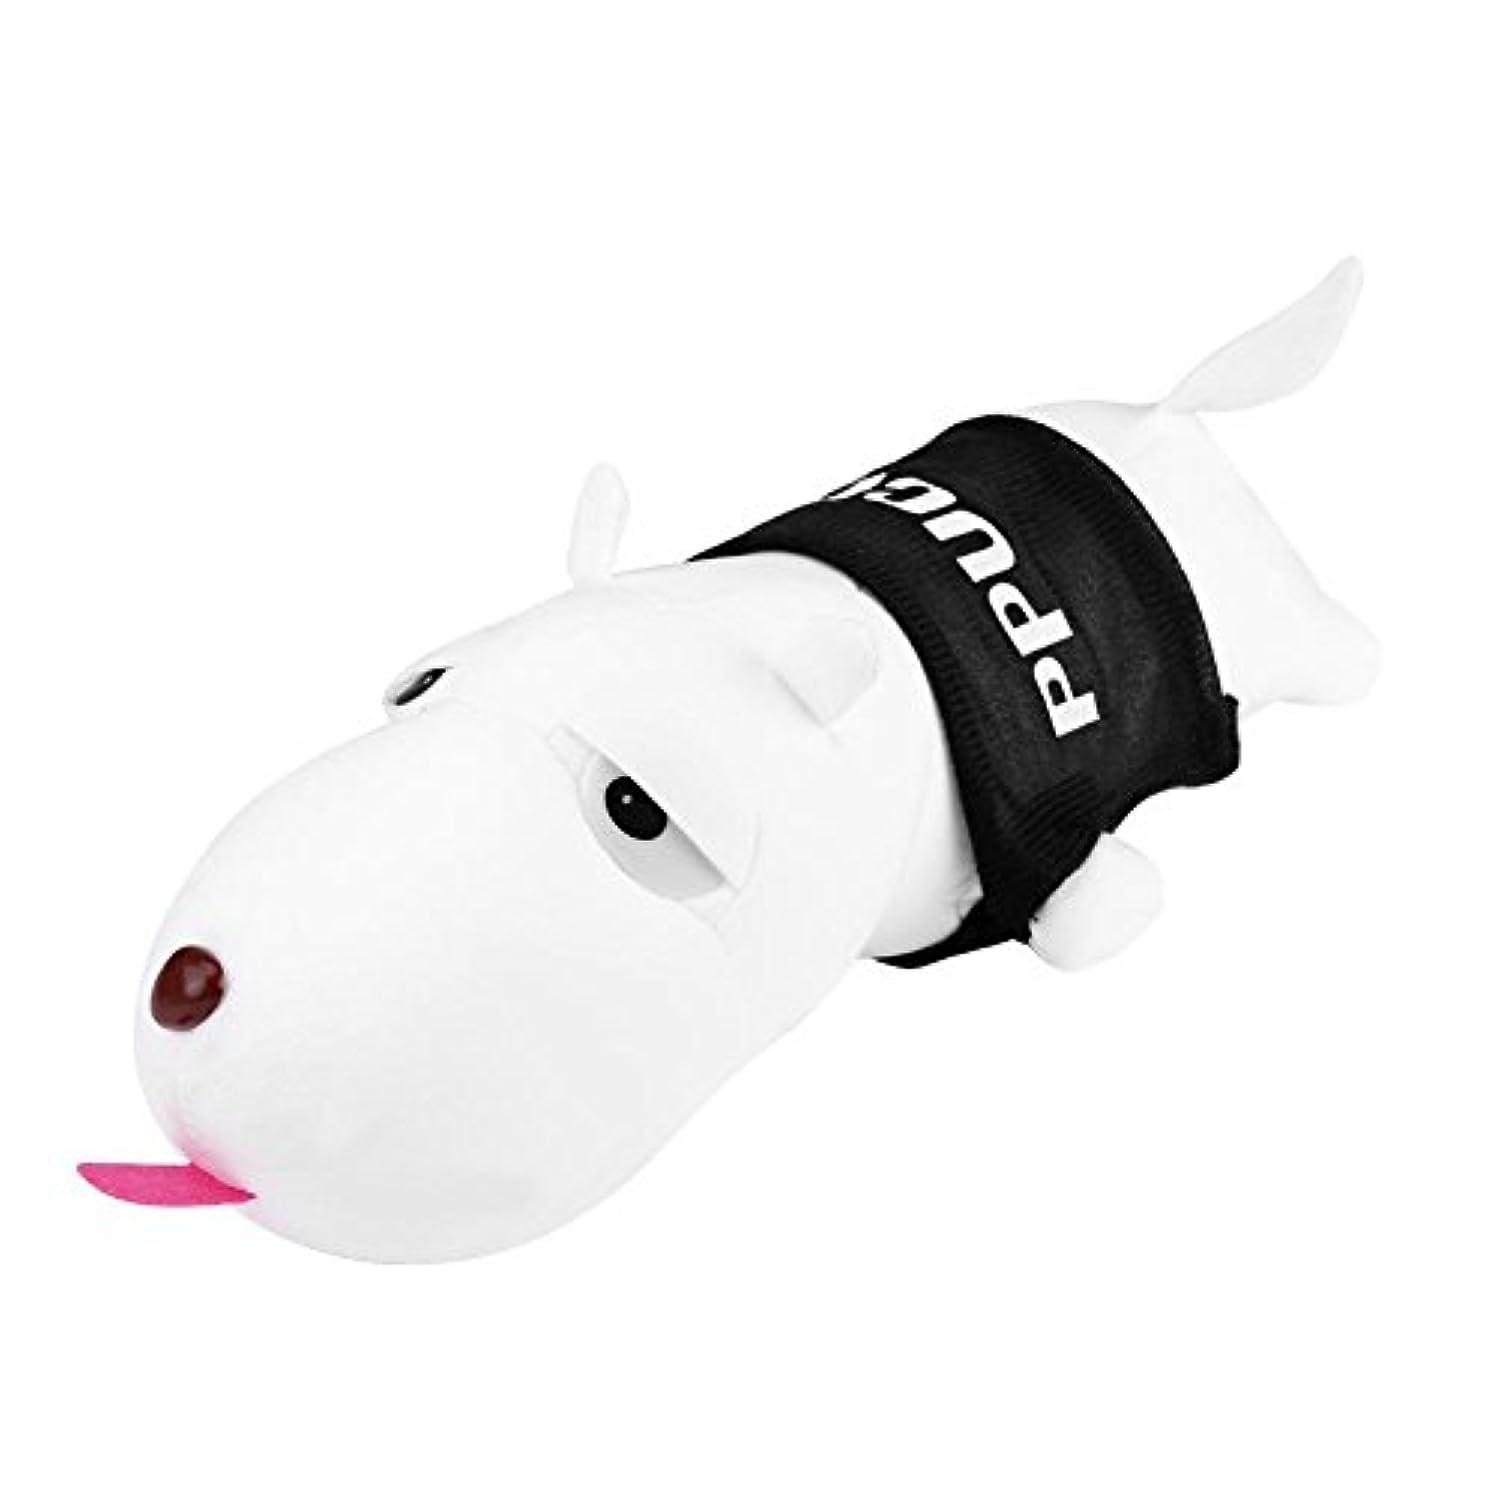 サイクロプス抑止するダイジェスト竹炭バッグ - Dewin 消臭 バッグ、犬の形、車内 飾り、玄関、室内、活性炭 消臭、脱臭、調湿、可愛い (黒)